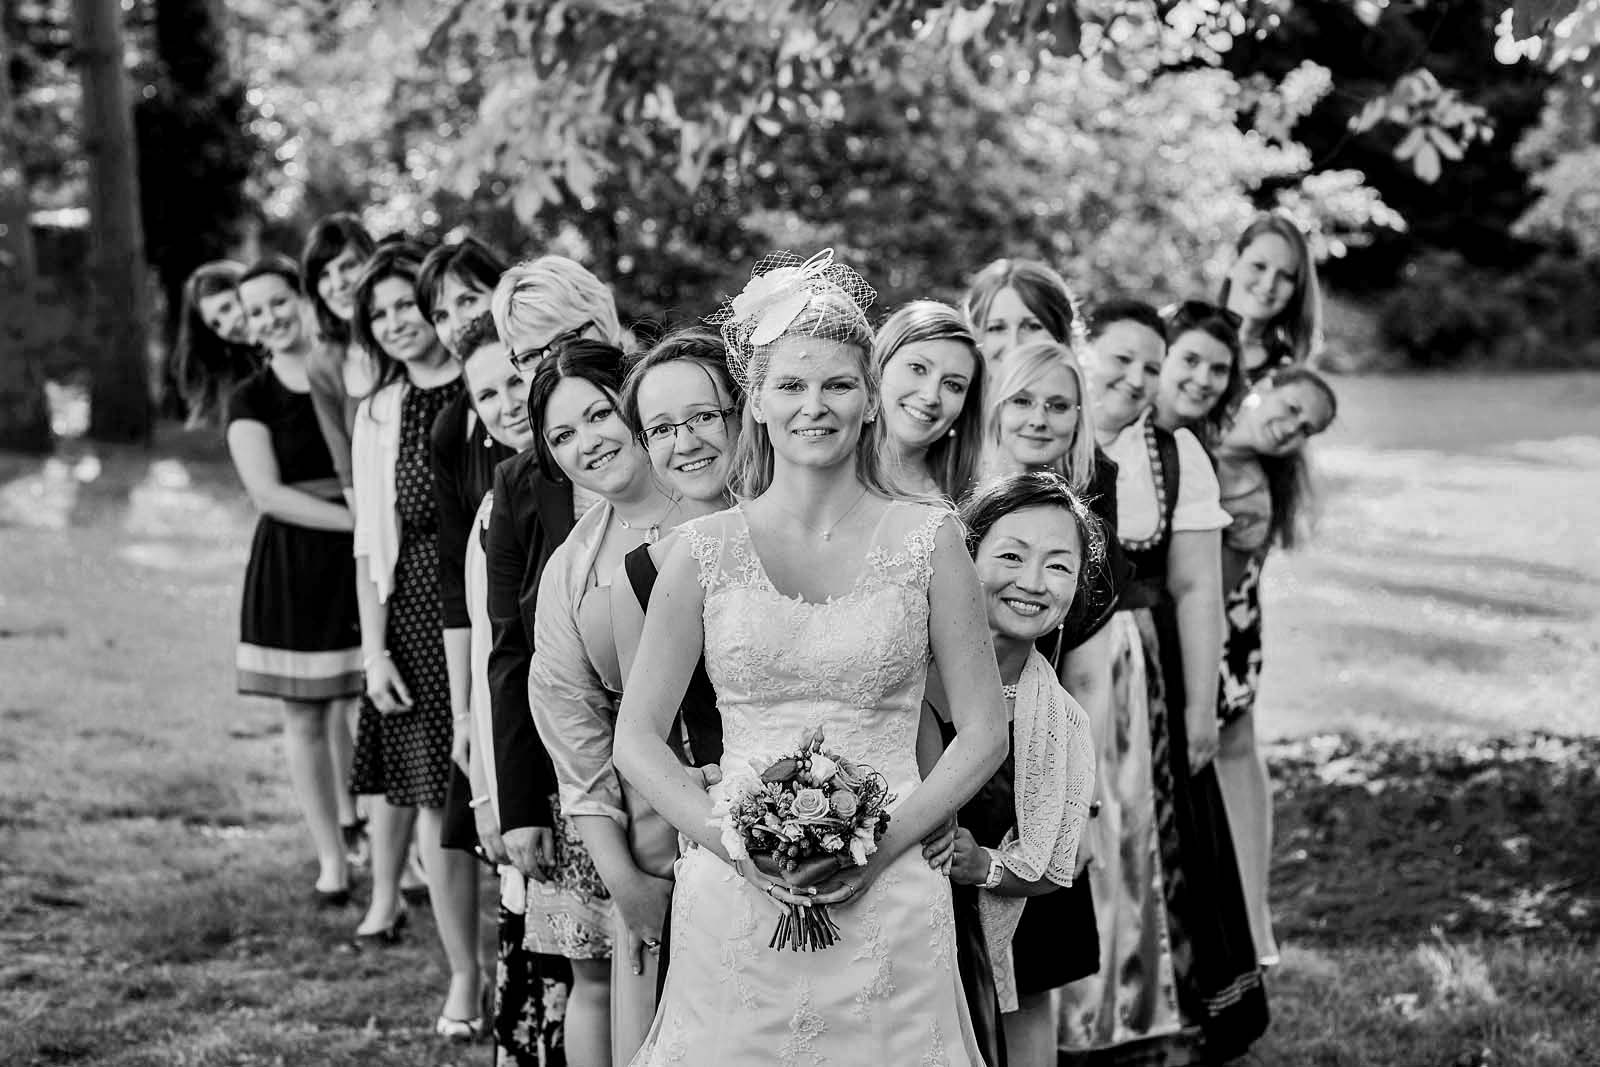 Gruppenfoto vom professionellem Hochzeitsfotograf Copyright by Hochzeitsfotograf www.berliner-hochzeitsfotografie.de